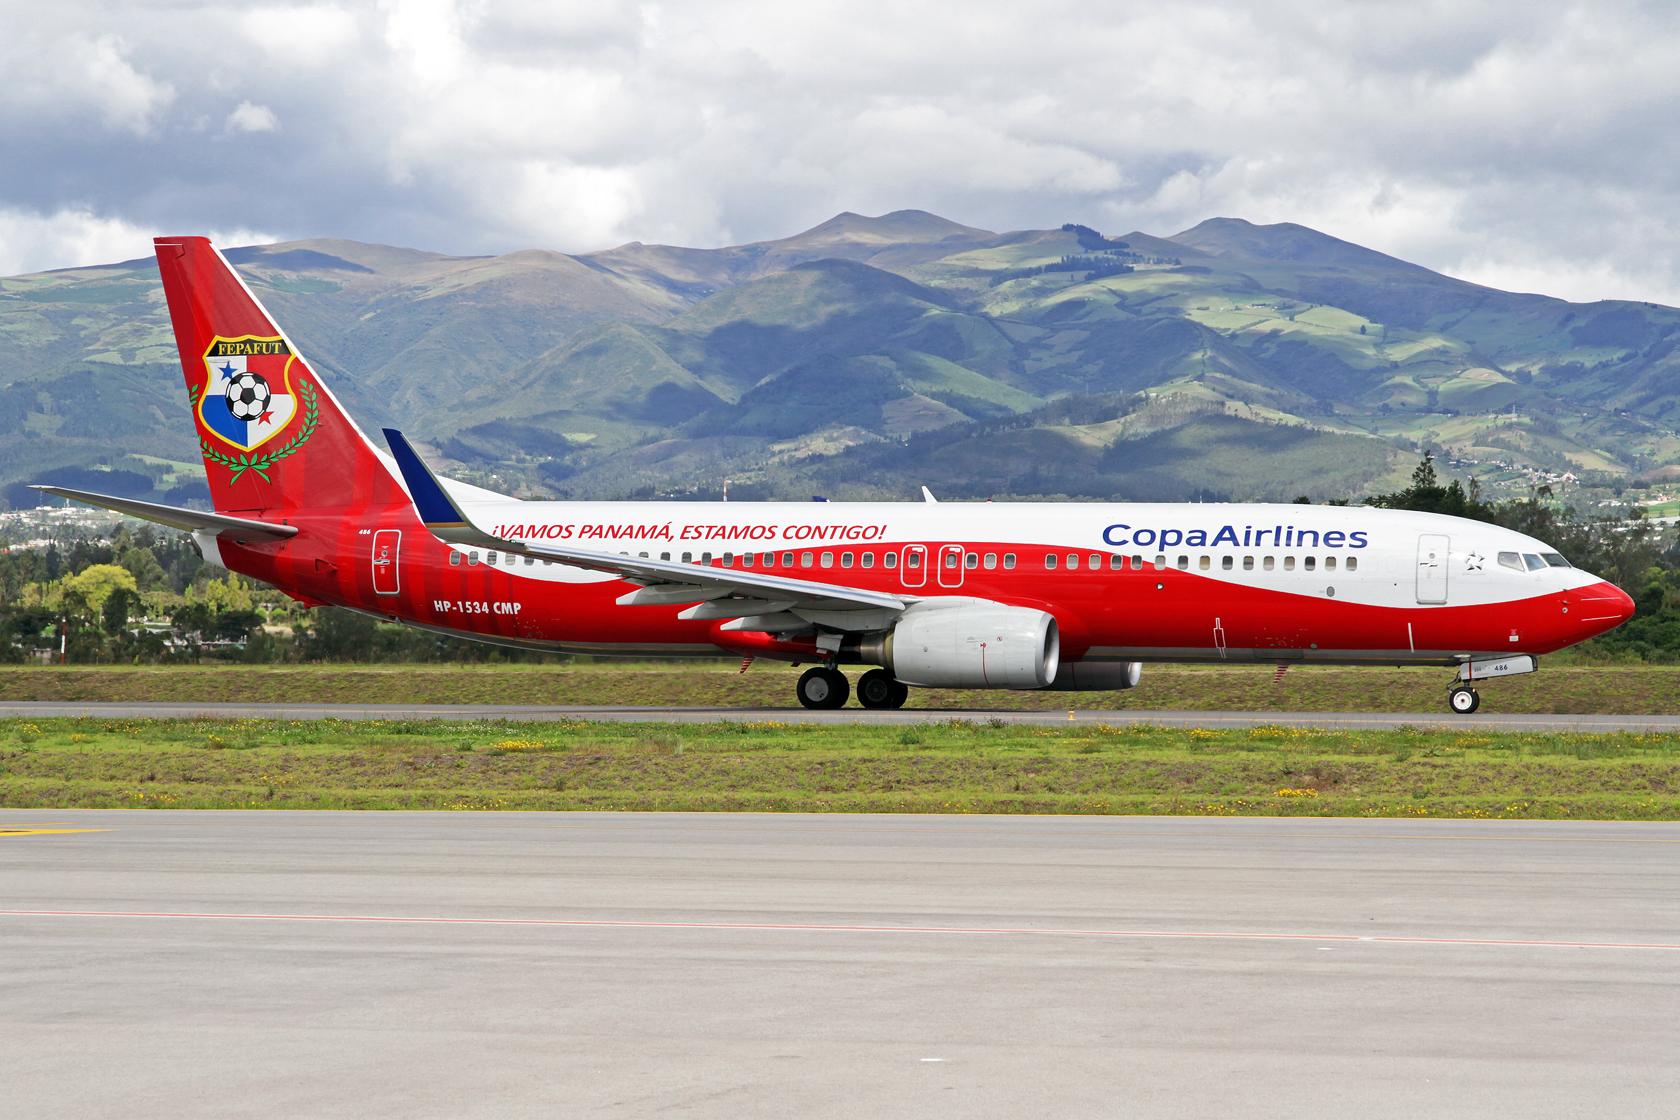 """Copa Airlines Boeing 737-8V3 HP-1534CMP - Diese Maschine trägt eine """"Panama National Football Team"""" Sonderbemalung. Ein Highlight dieses Tages!"""